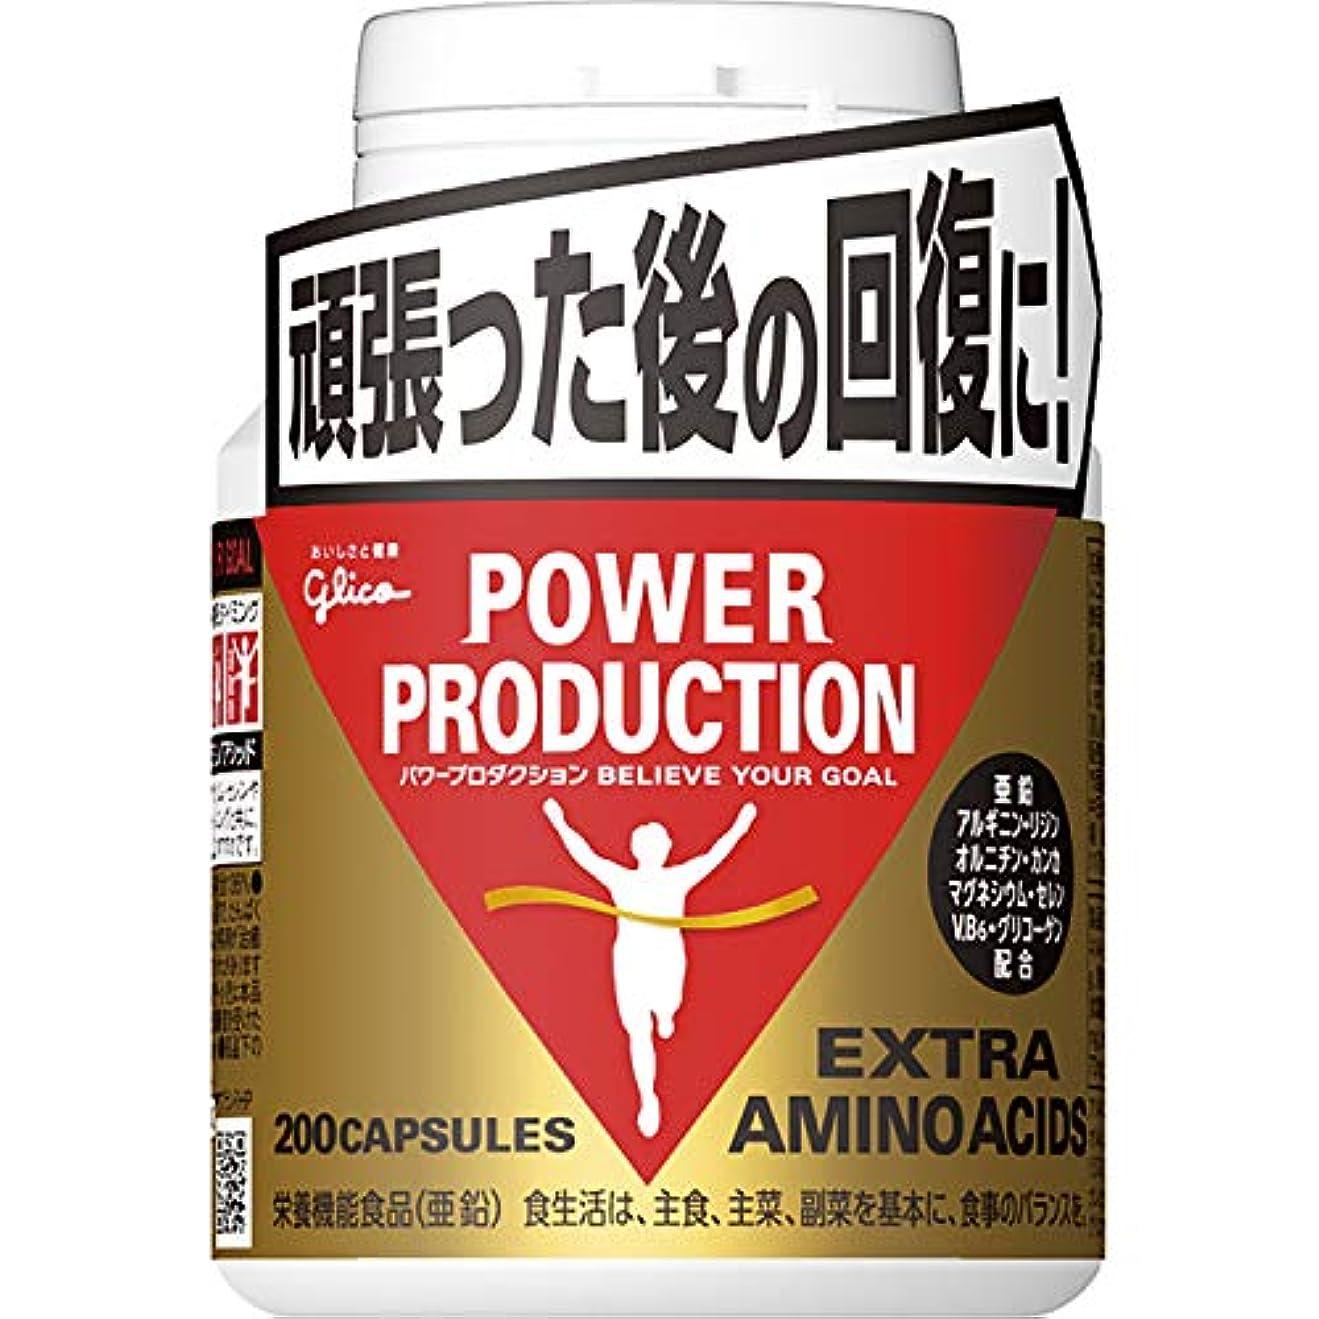 菊公演乳剤グリコ パワープロダクション エキストラ アミノアシッド 200粒【使用目安 約50日分】